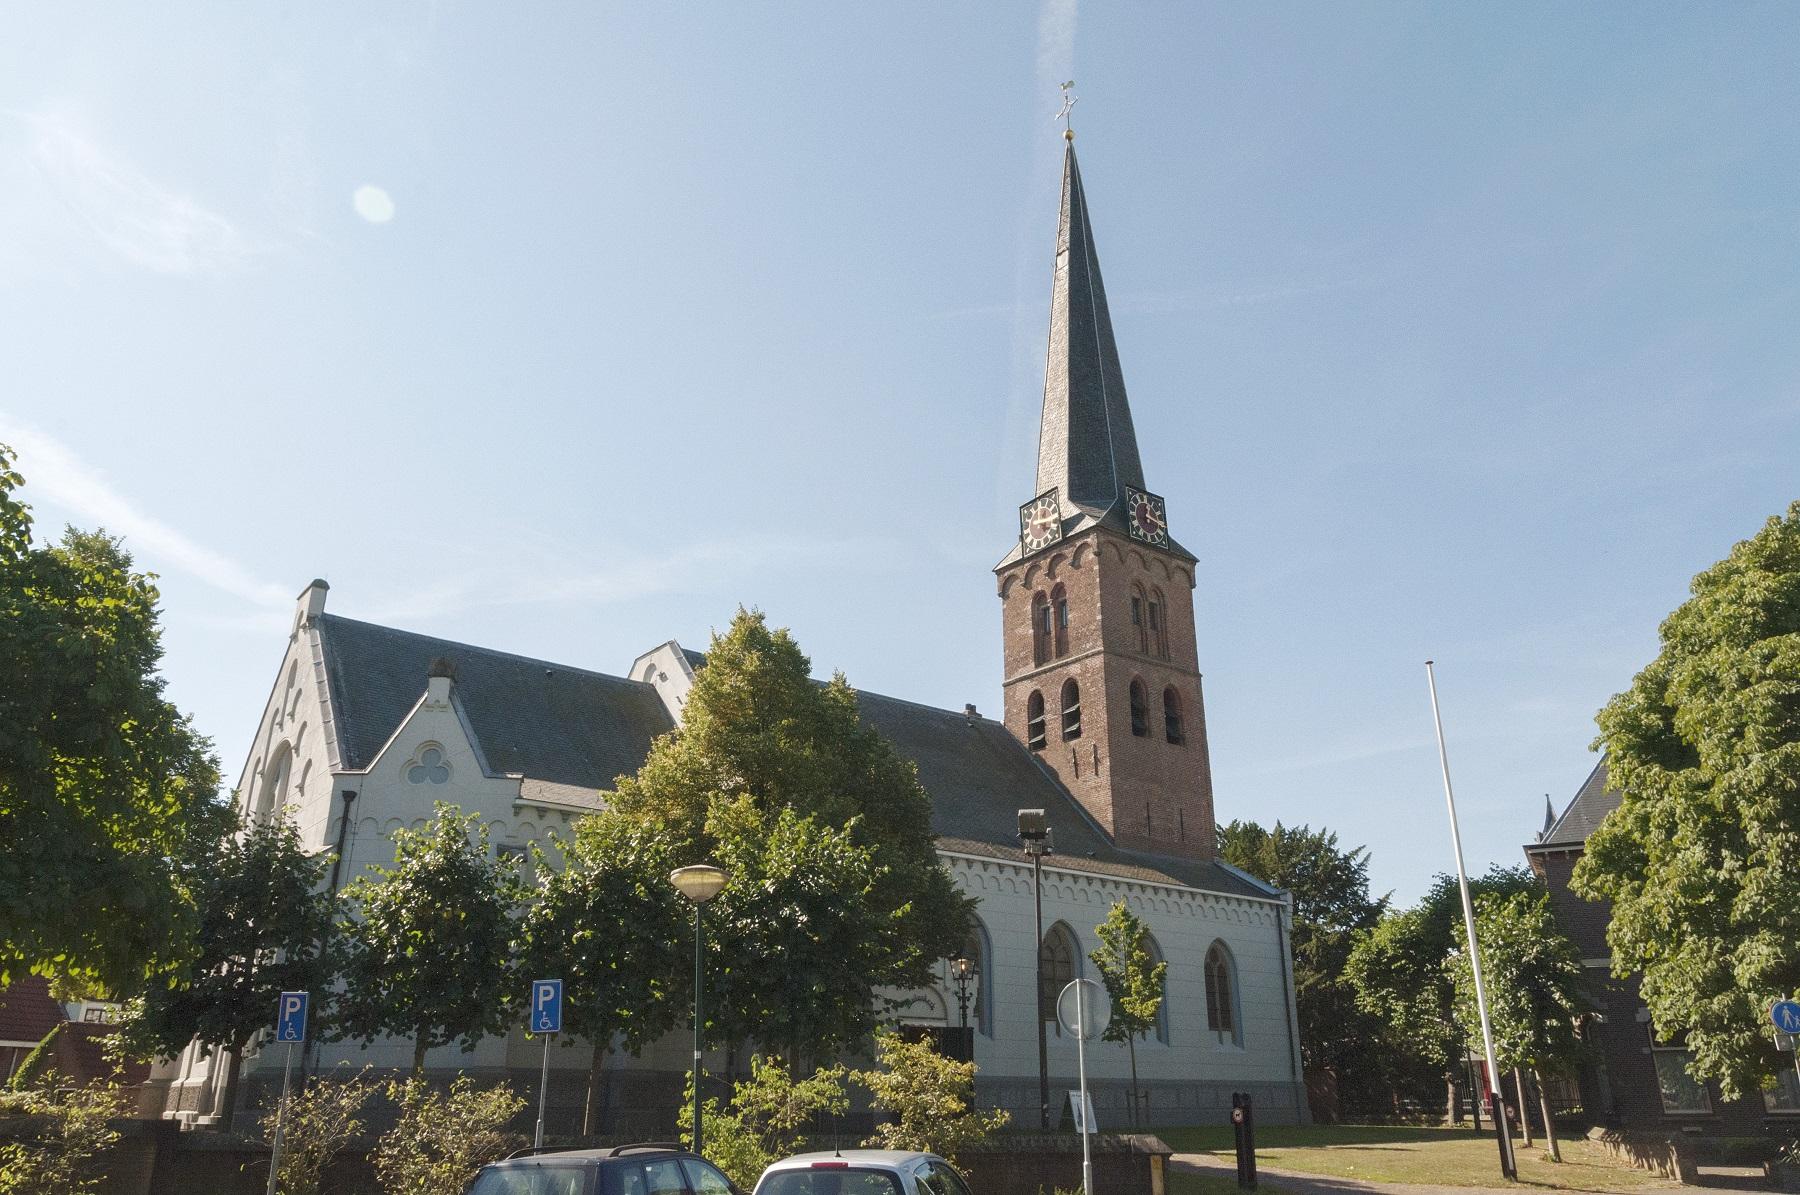 katholieke kerk baarn